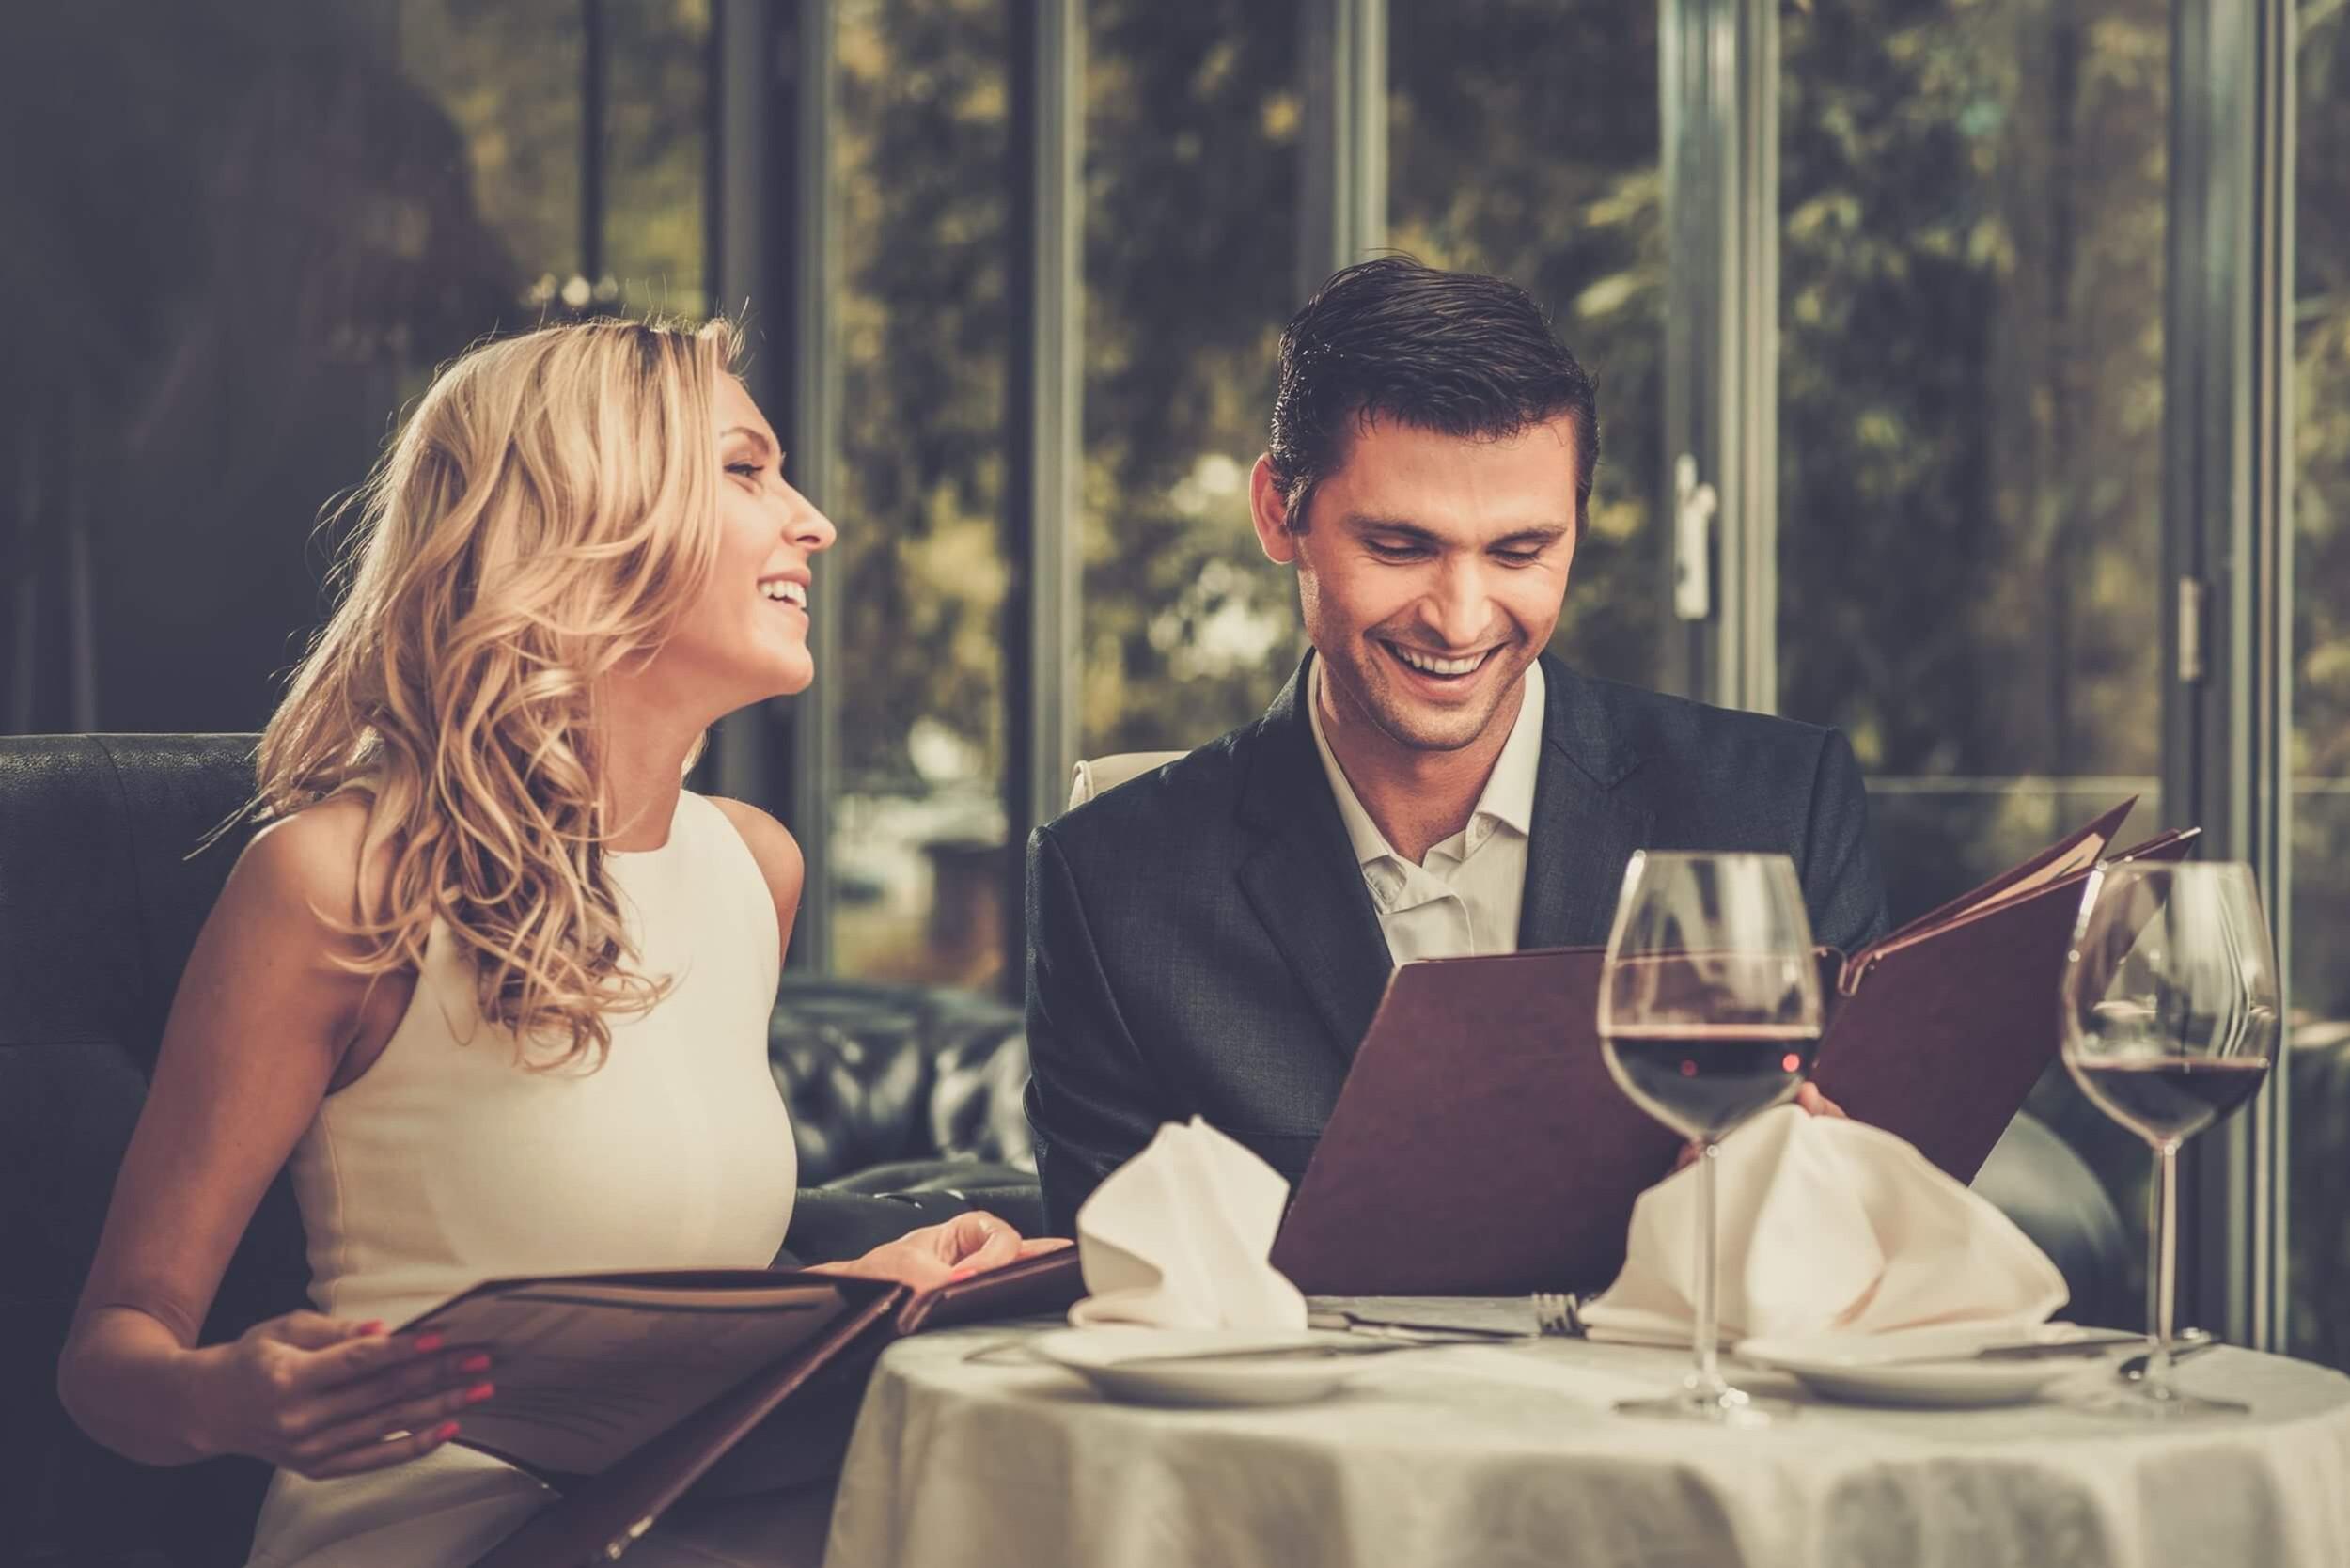 verlegen dating site Verenigd Koninkrijk